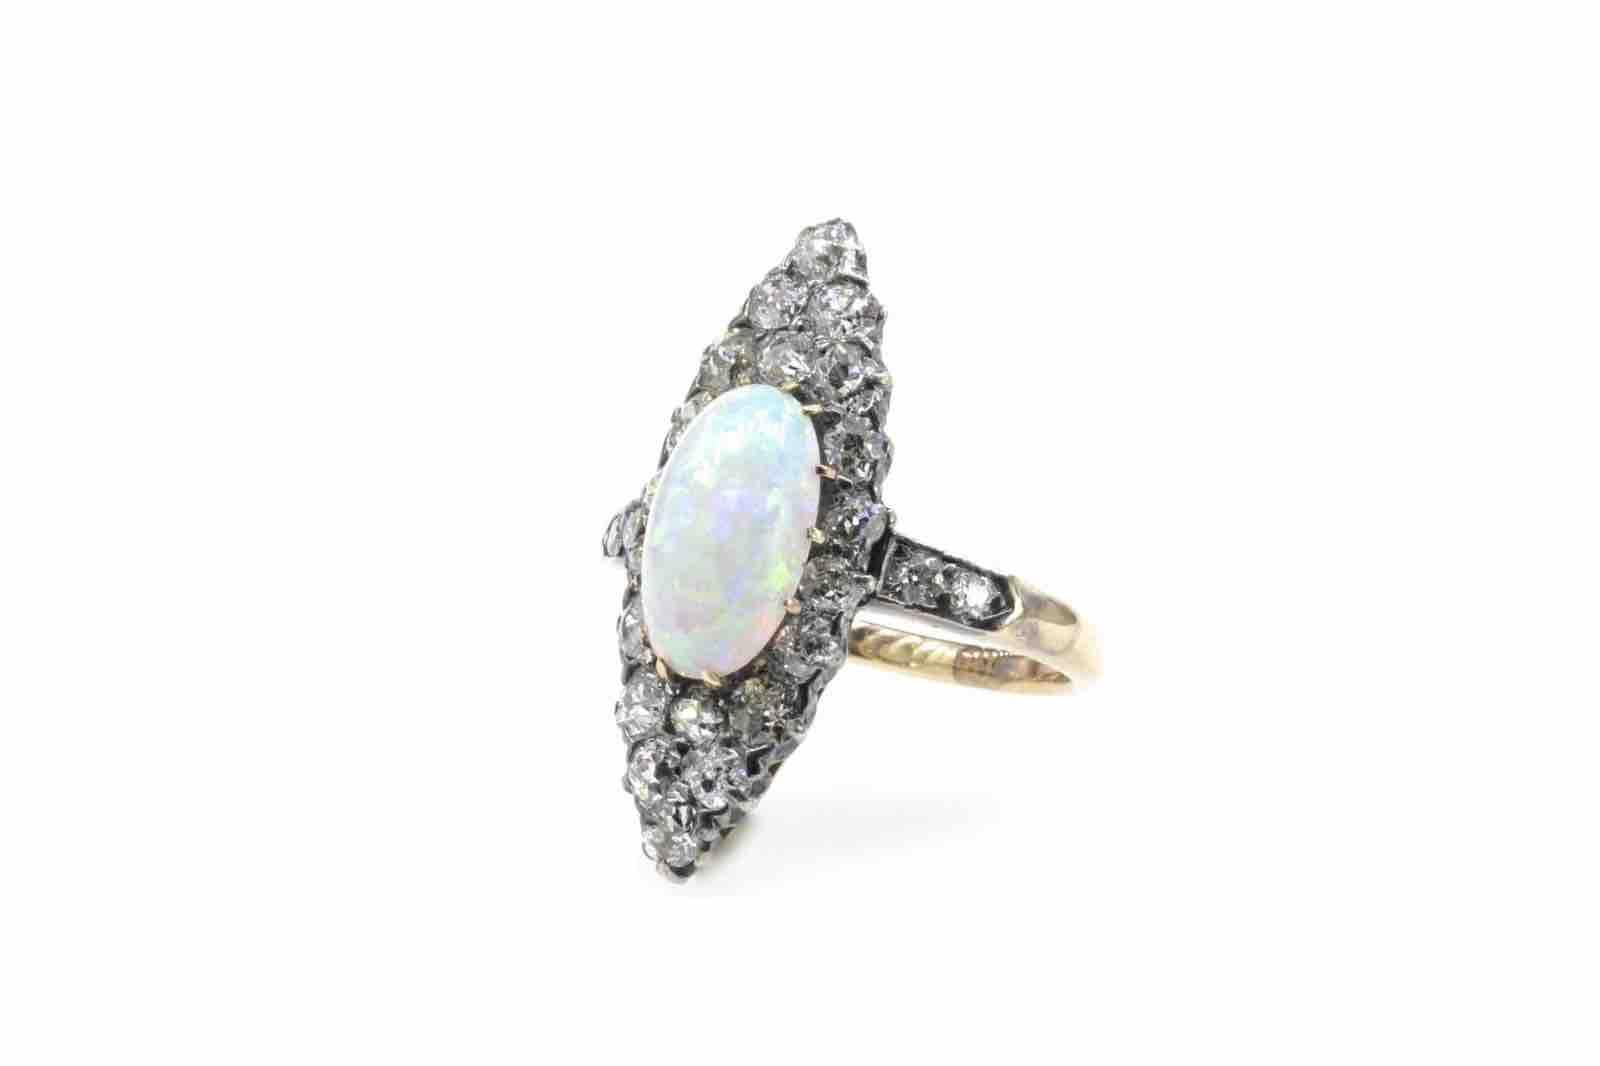 Bague marquise diamants et opale